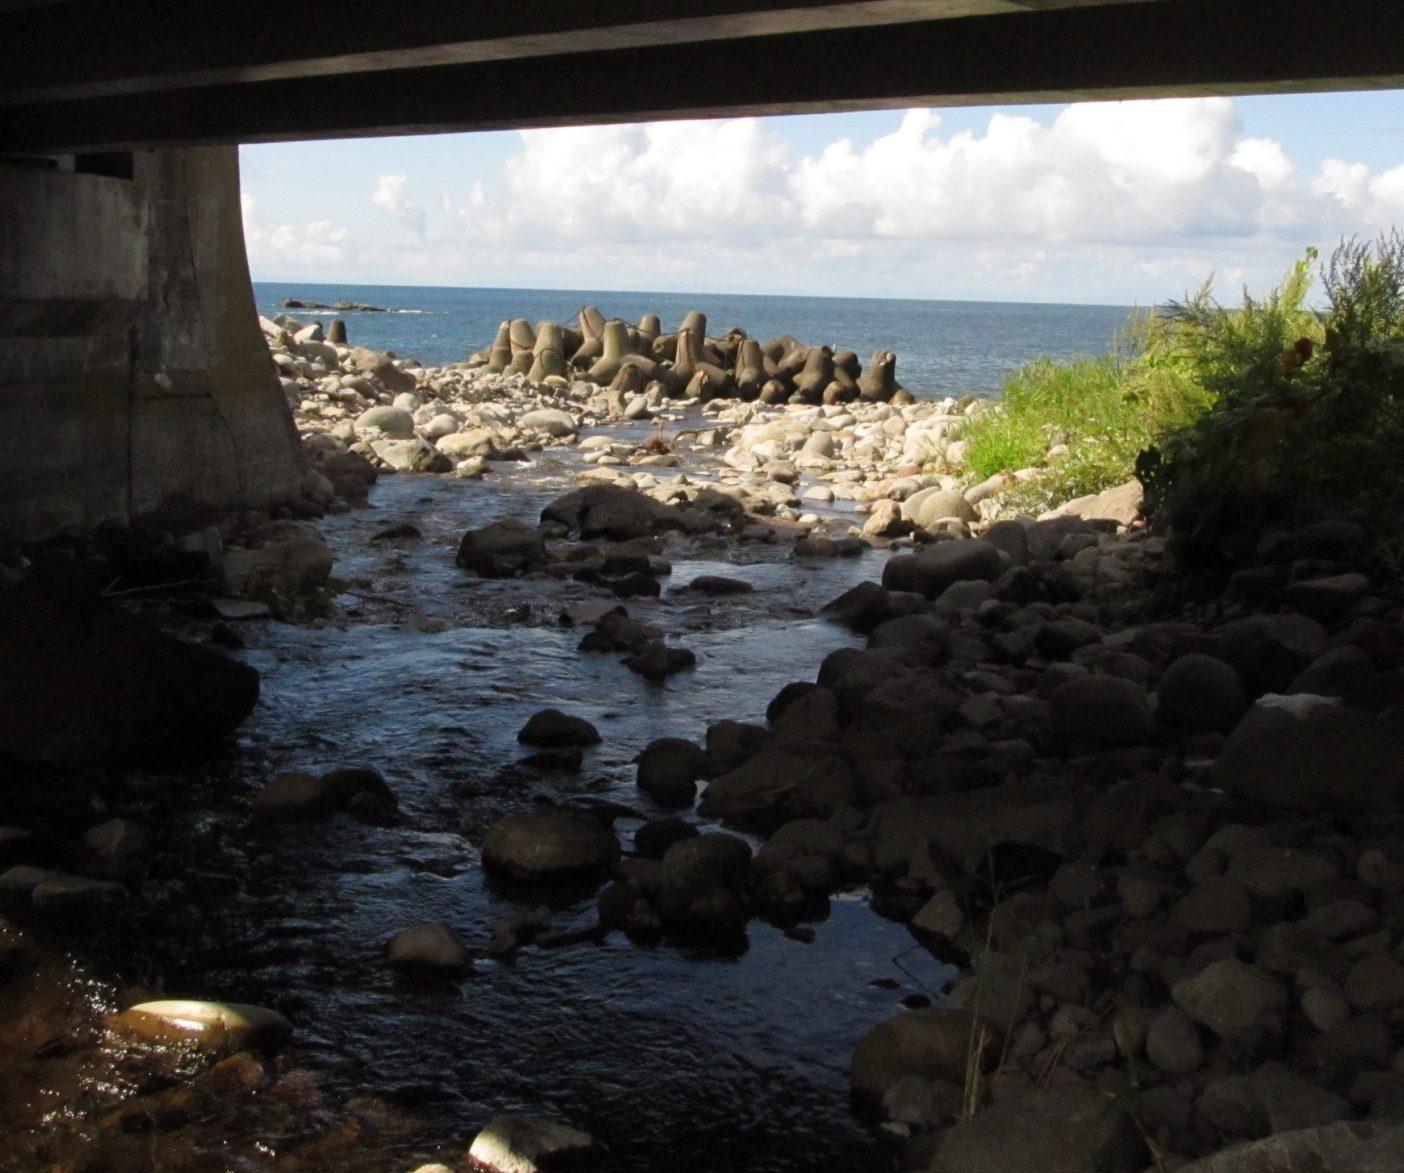 浸食を抑えるために海岸に設置されたテトラポット。写真:田口康夫